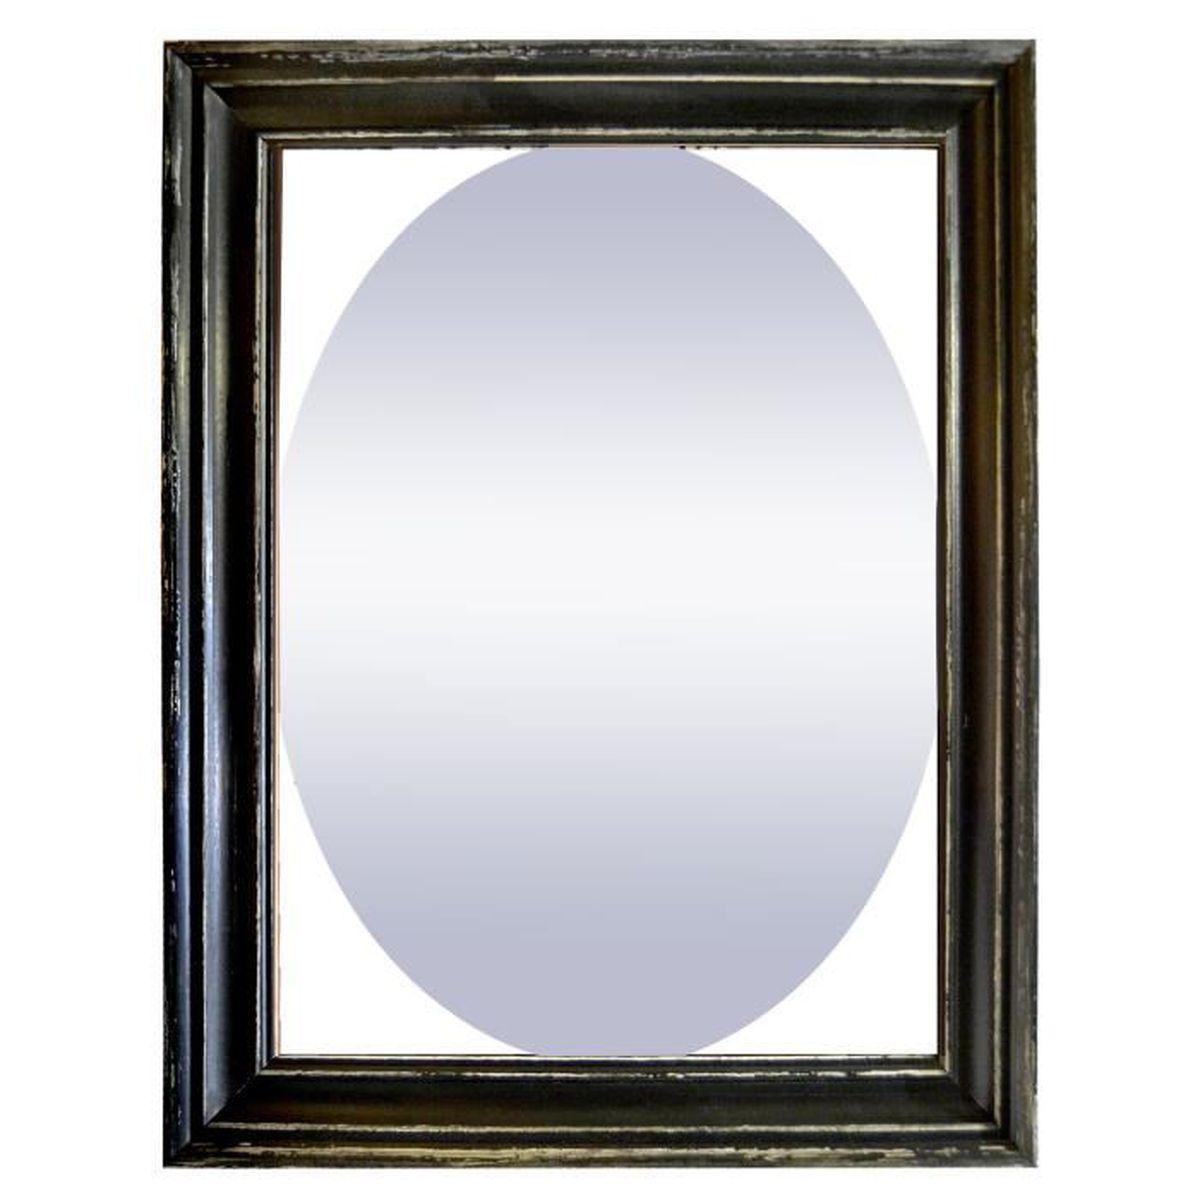 vicky miroir ovale dans un cadre rectangulaire noir